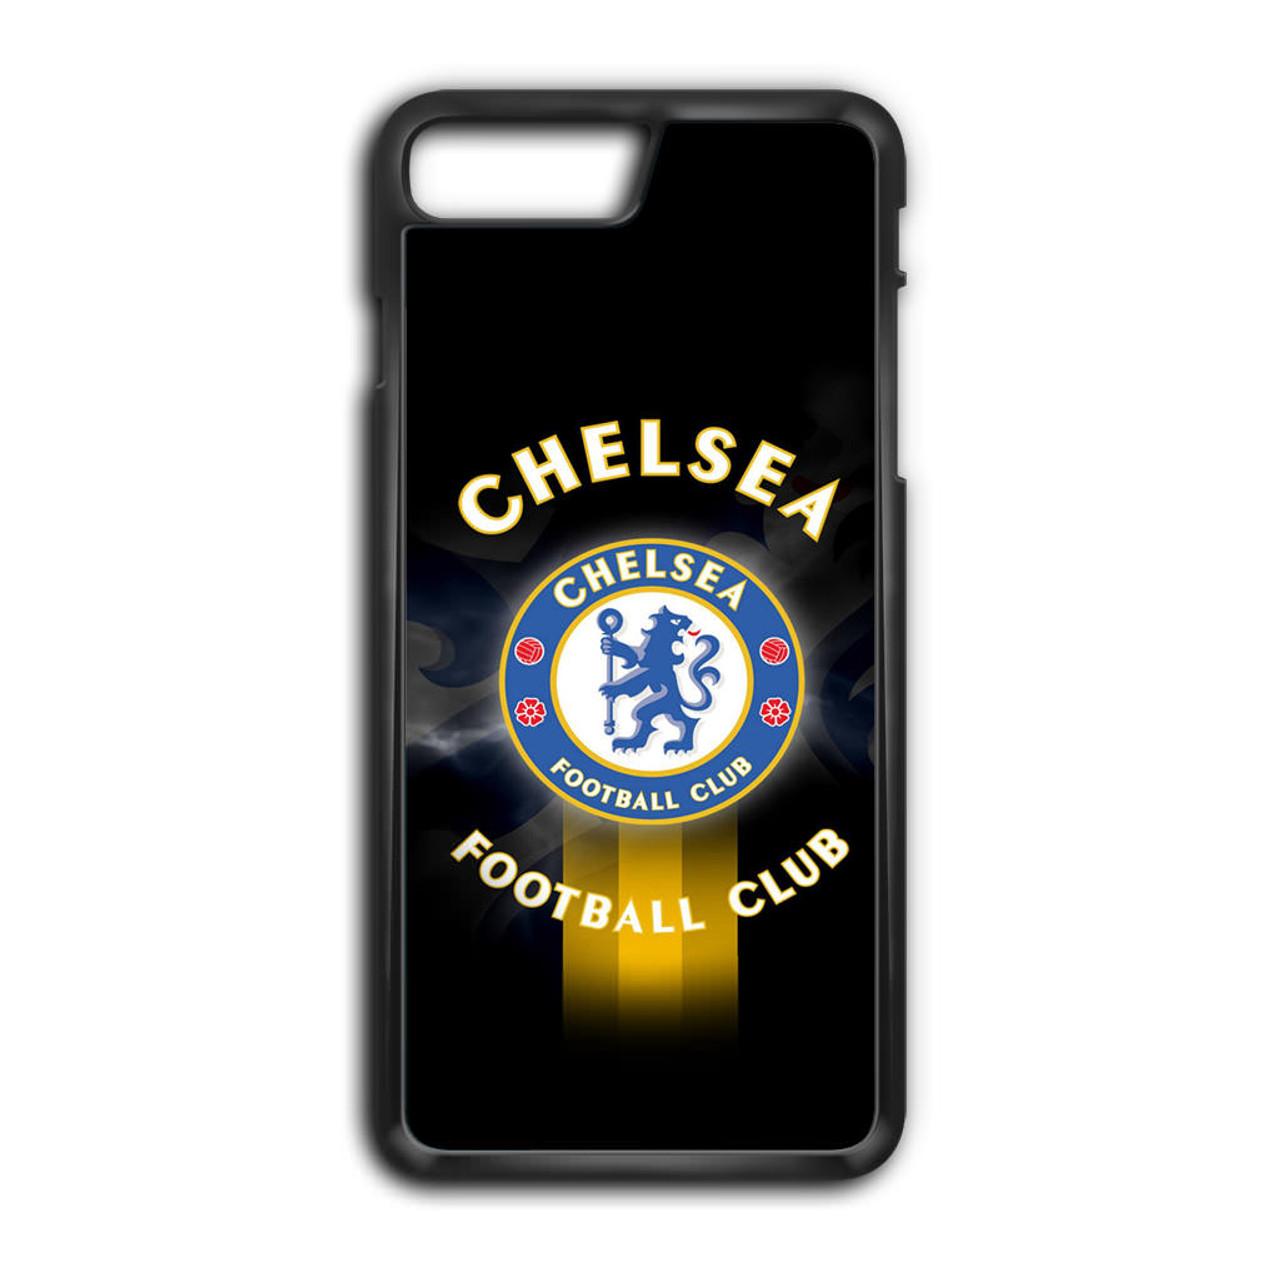 iphone 7 plus phone cases chelsea